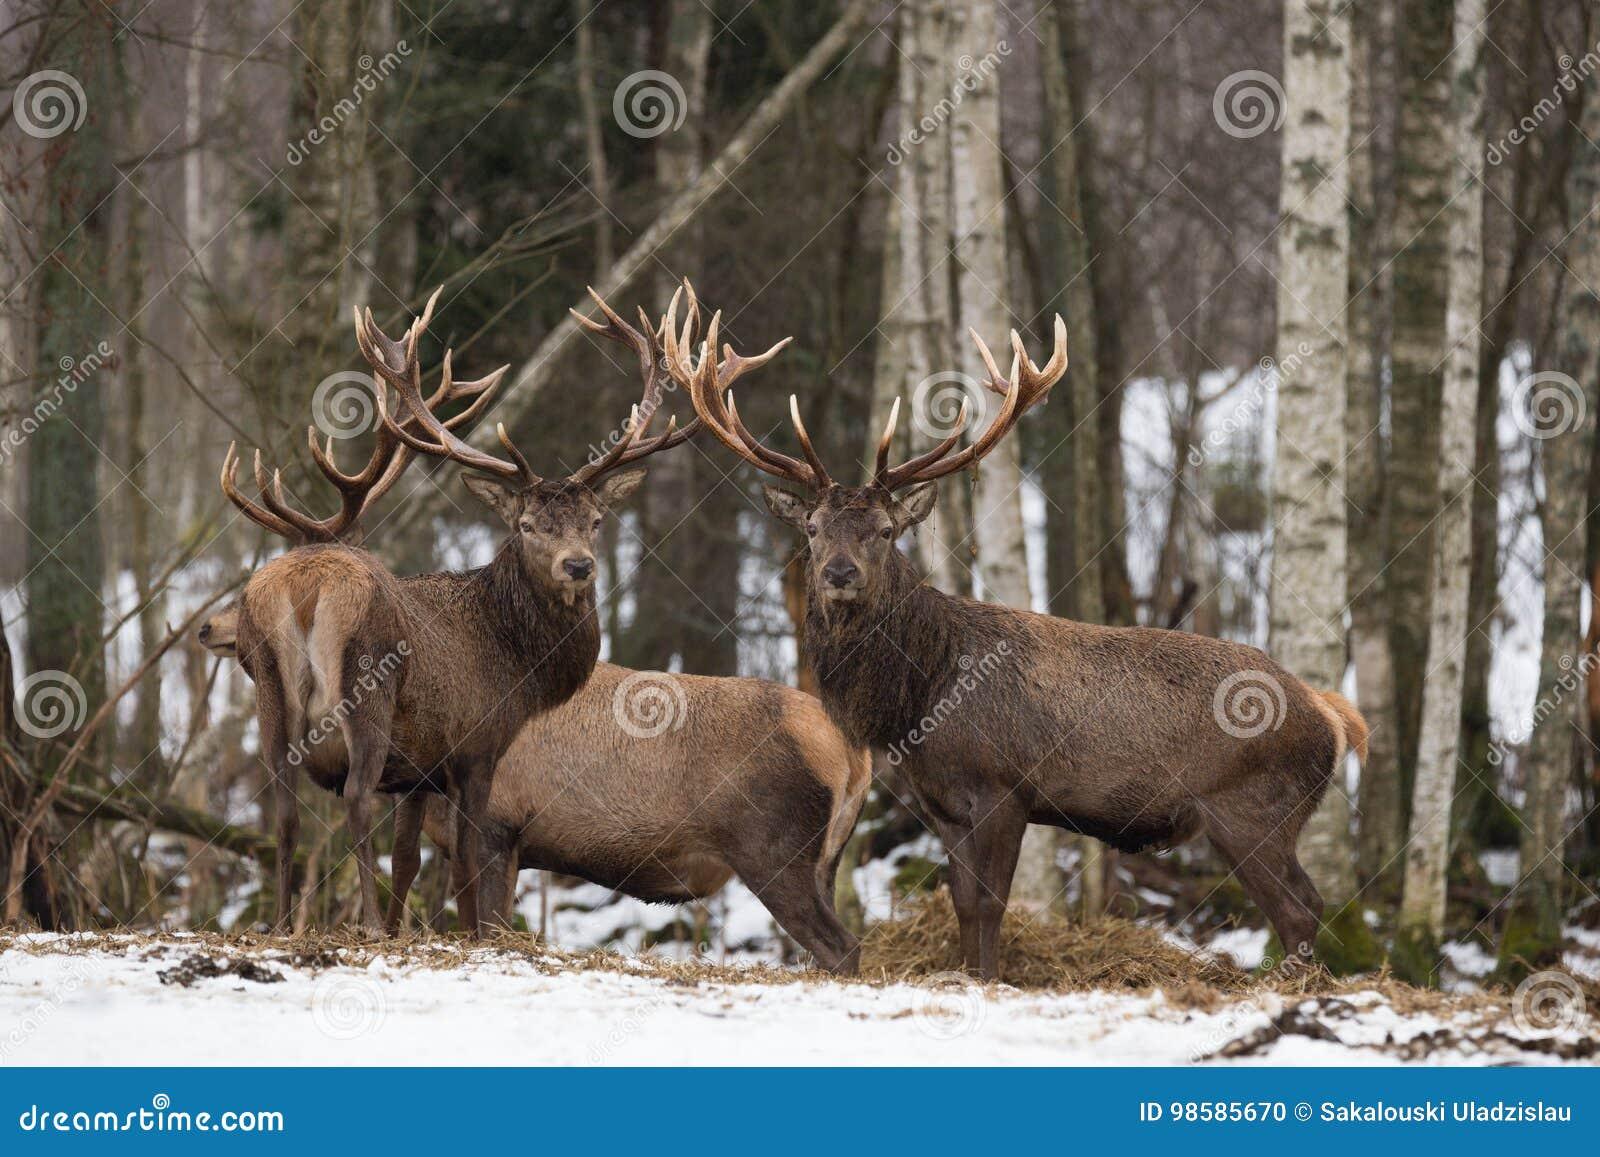 Mały stado Czerwonego rogacza Cervidae: Dwa rogaczy jeleń, spojrzenia Przy Tobą Kilka Piękny Dorosły Jeleni Cervus Elaphus W zima